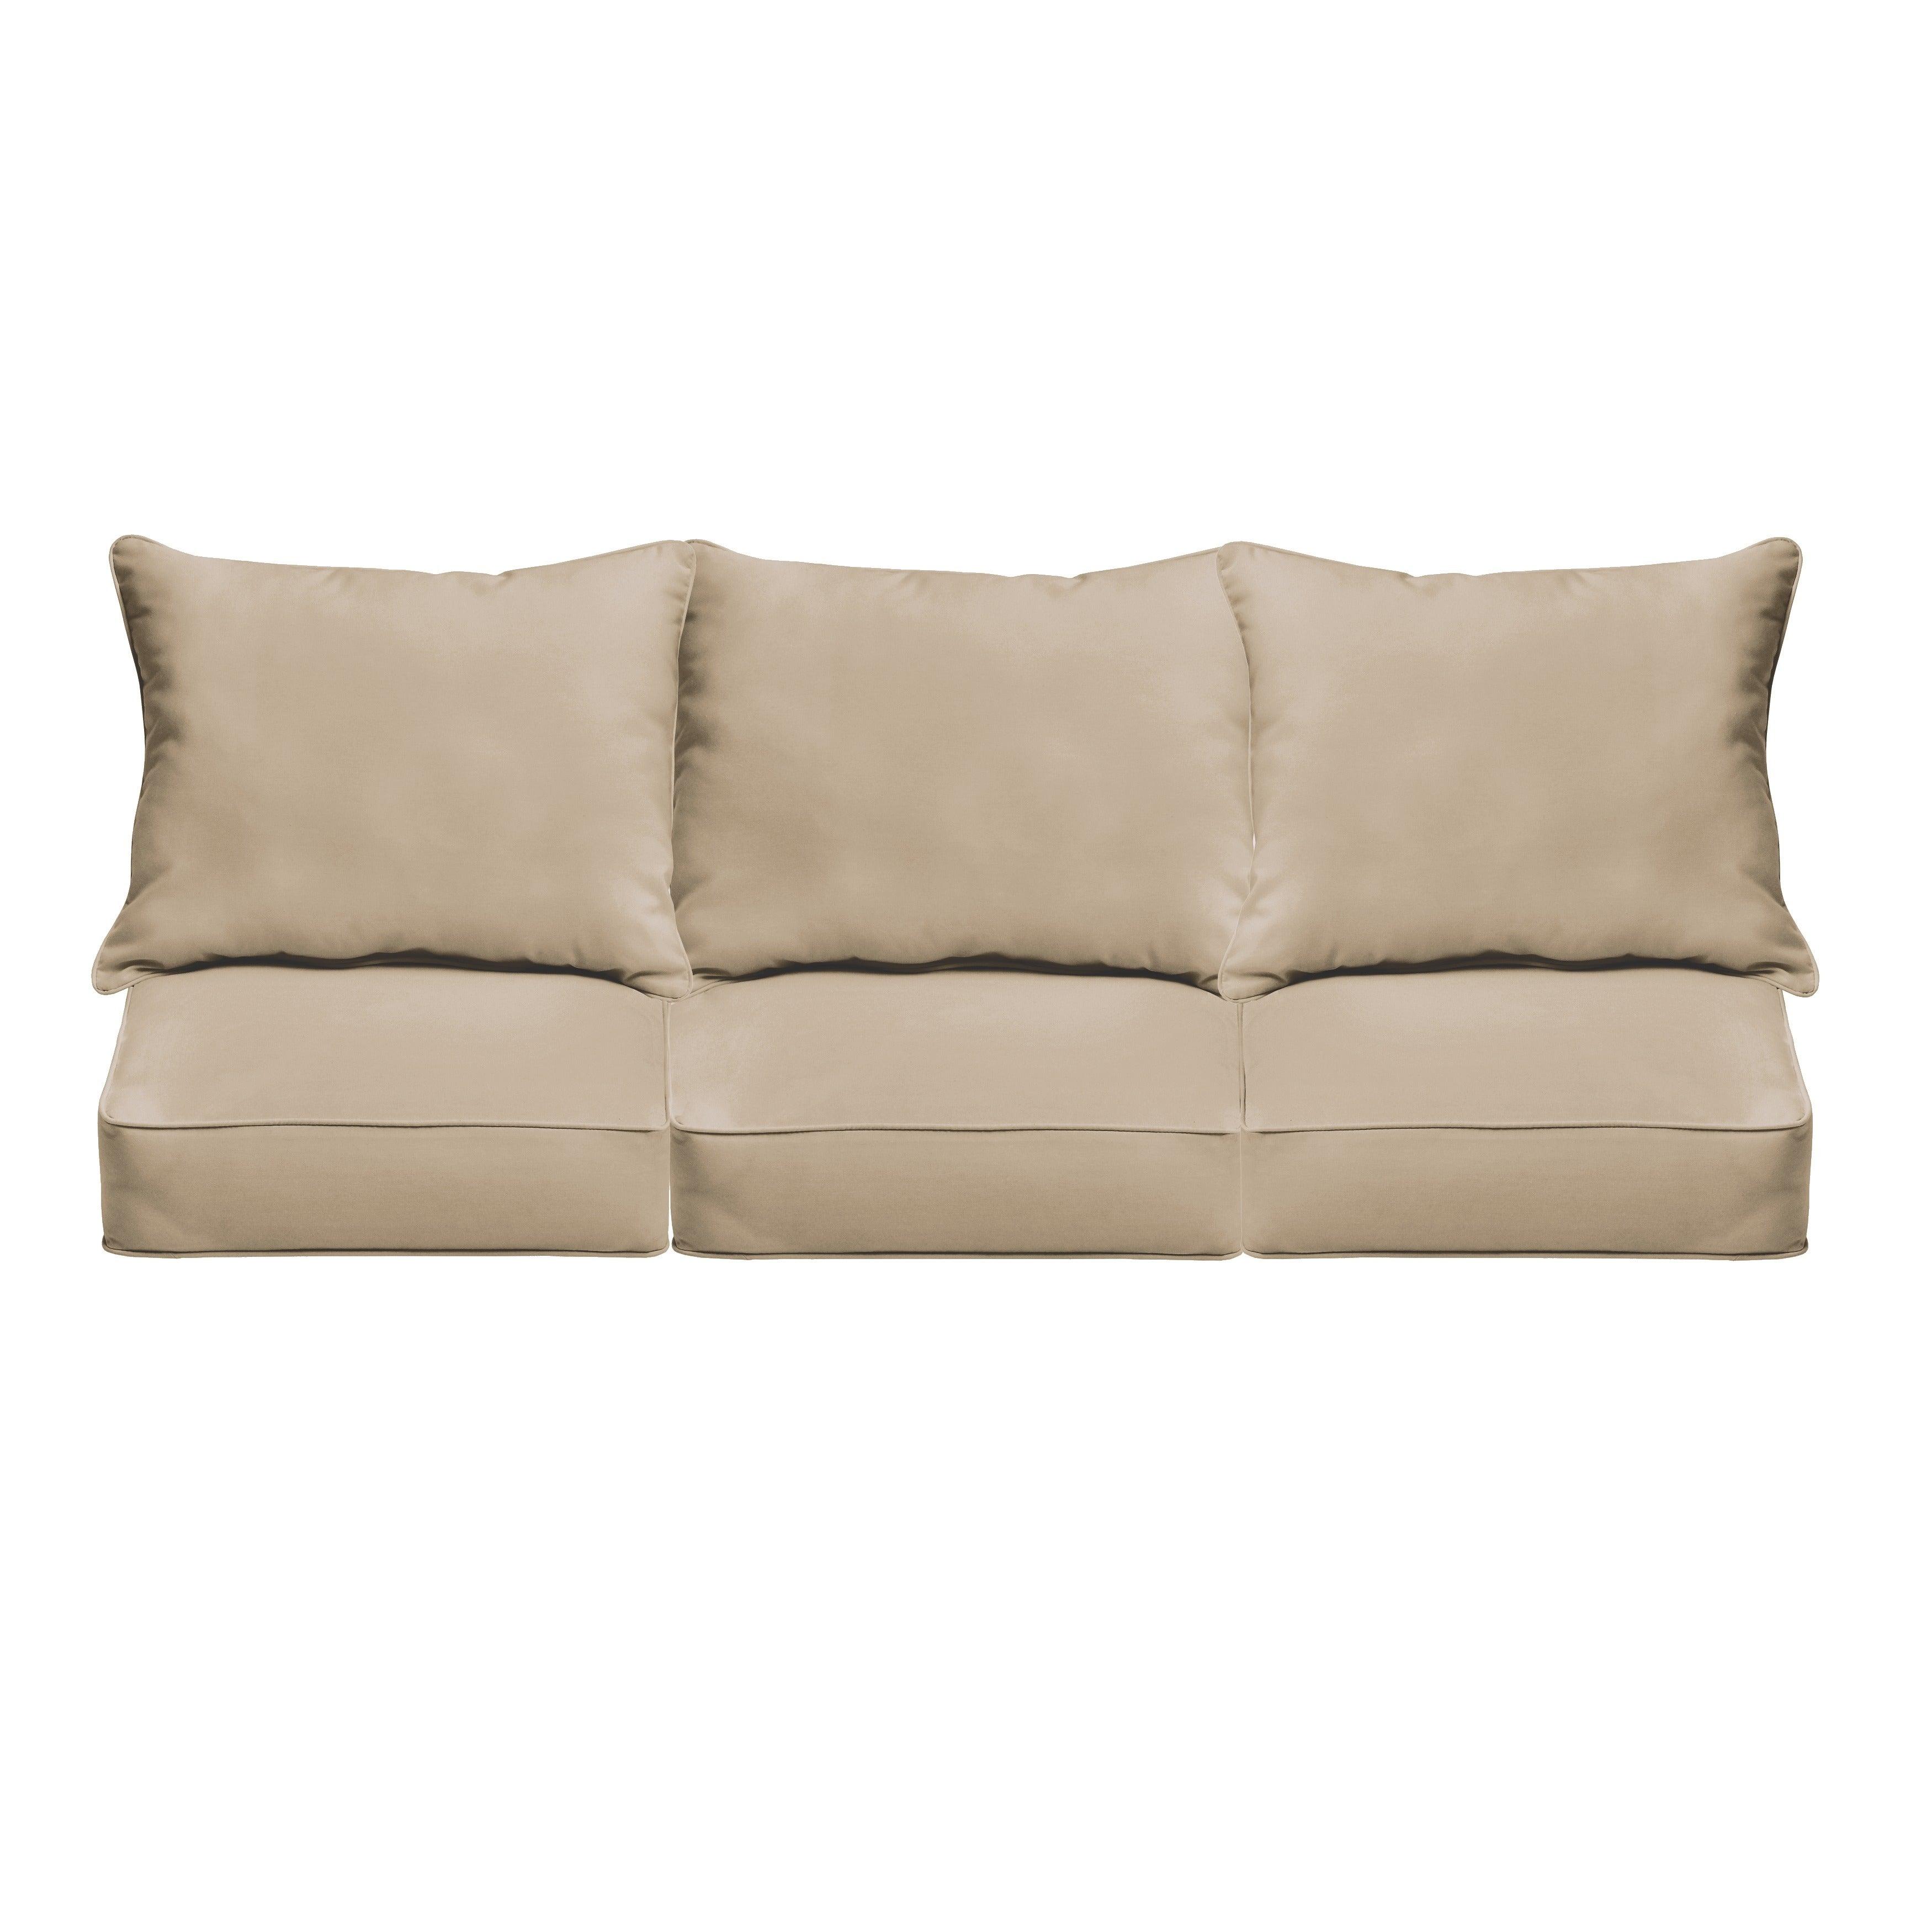 Clara Indoor Outdoor Wicker Sofa Cushion Set Made